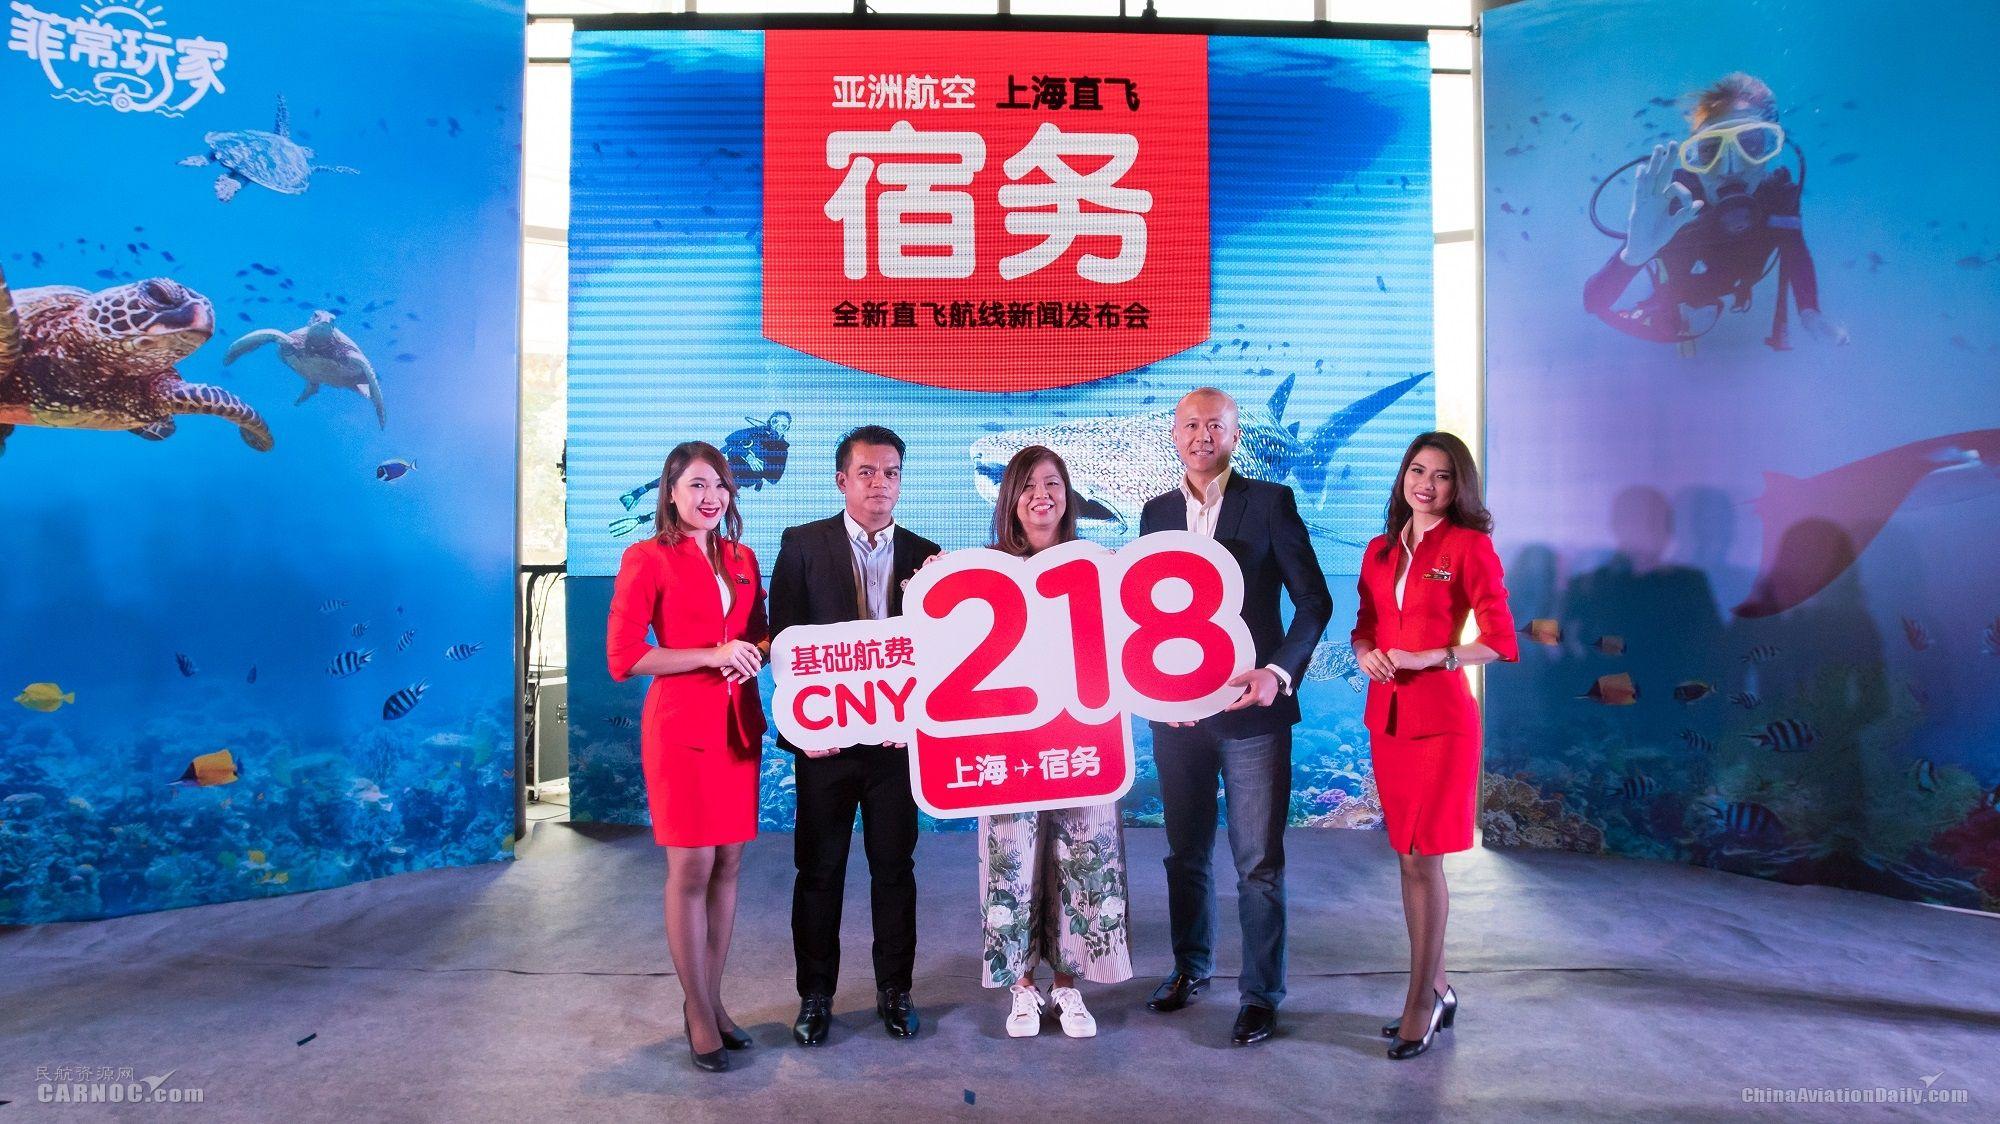 亚航上海—宿务定点直飞航线7月7日启航